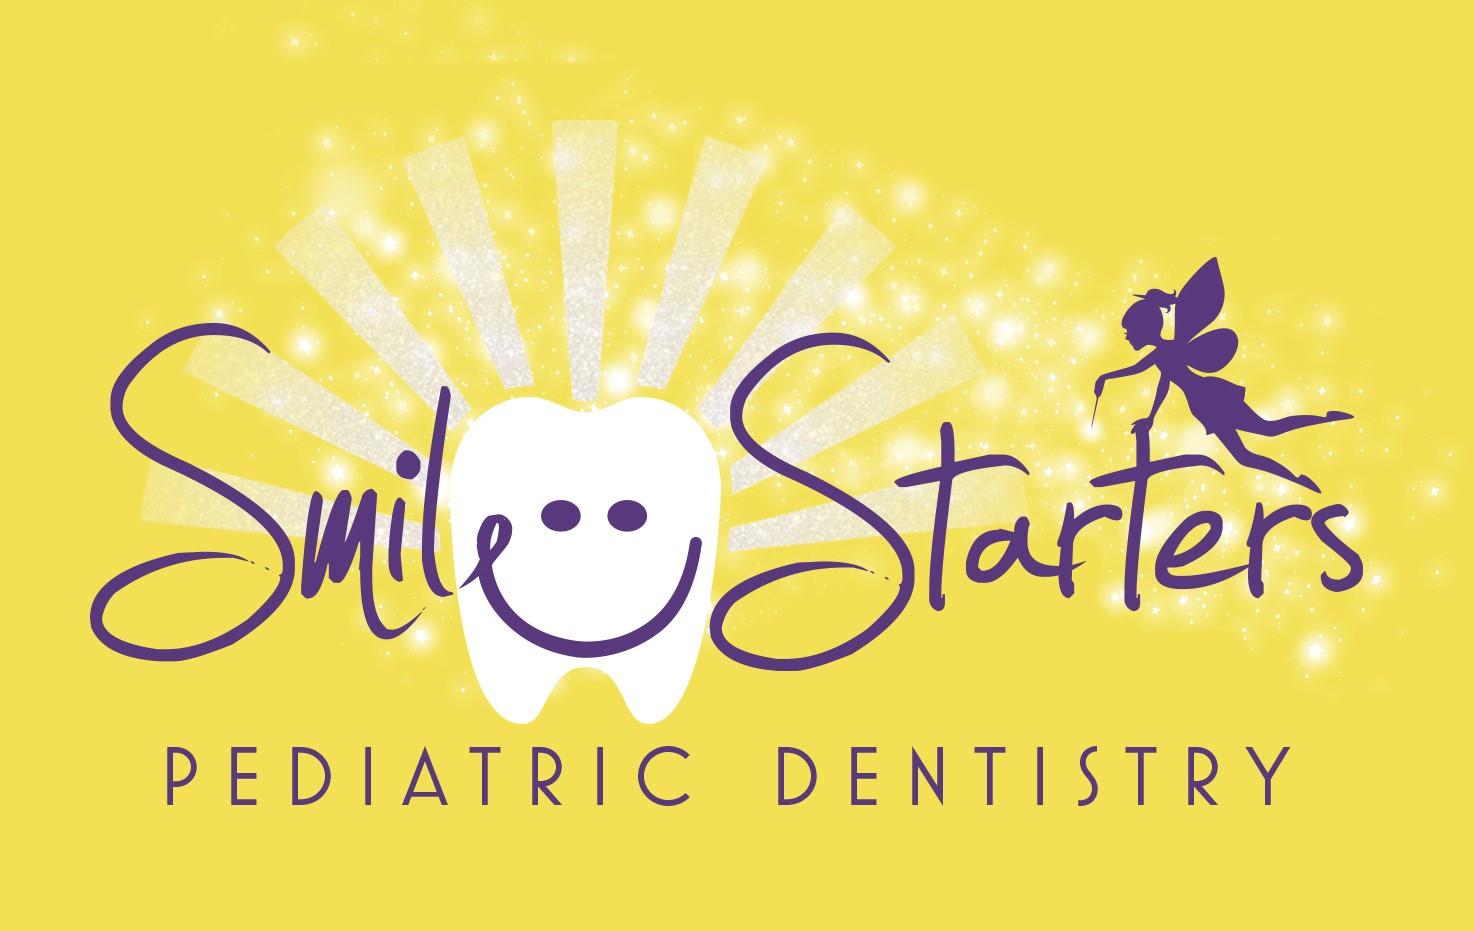 Smile Starters Pediatric Dentistry